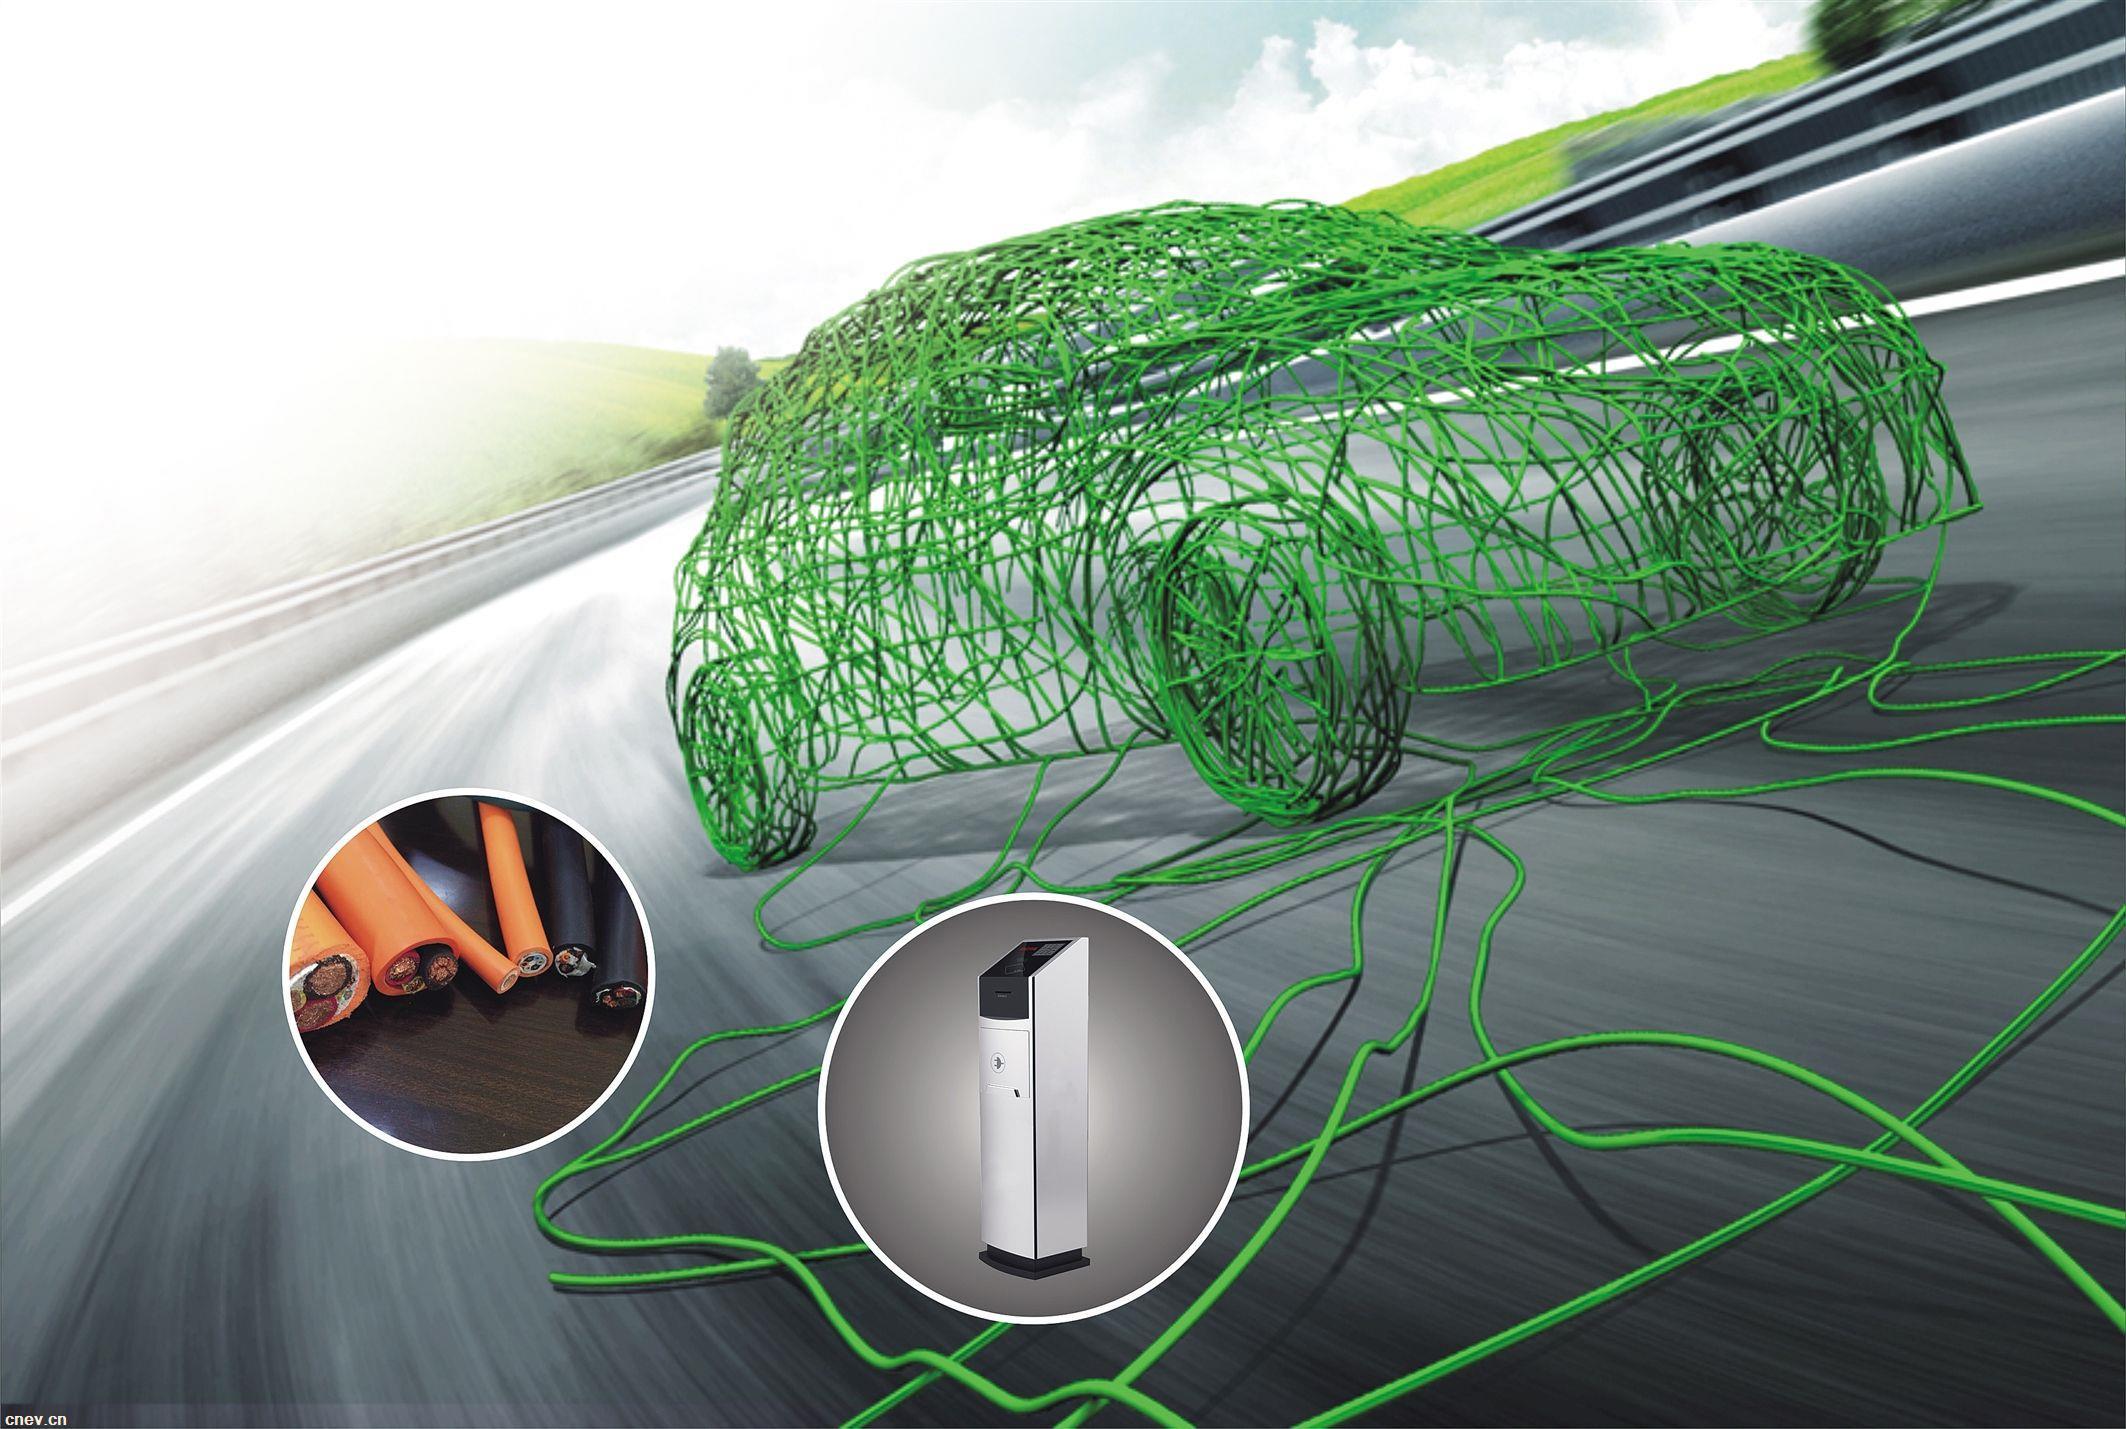 沈阳今年将更新千台新能源或清洁能源出租汽车